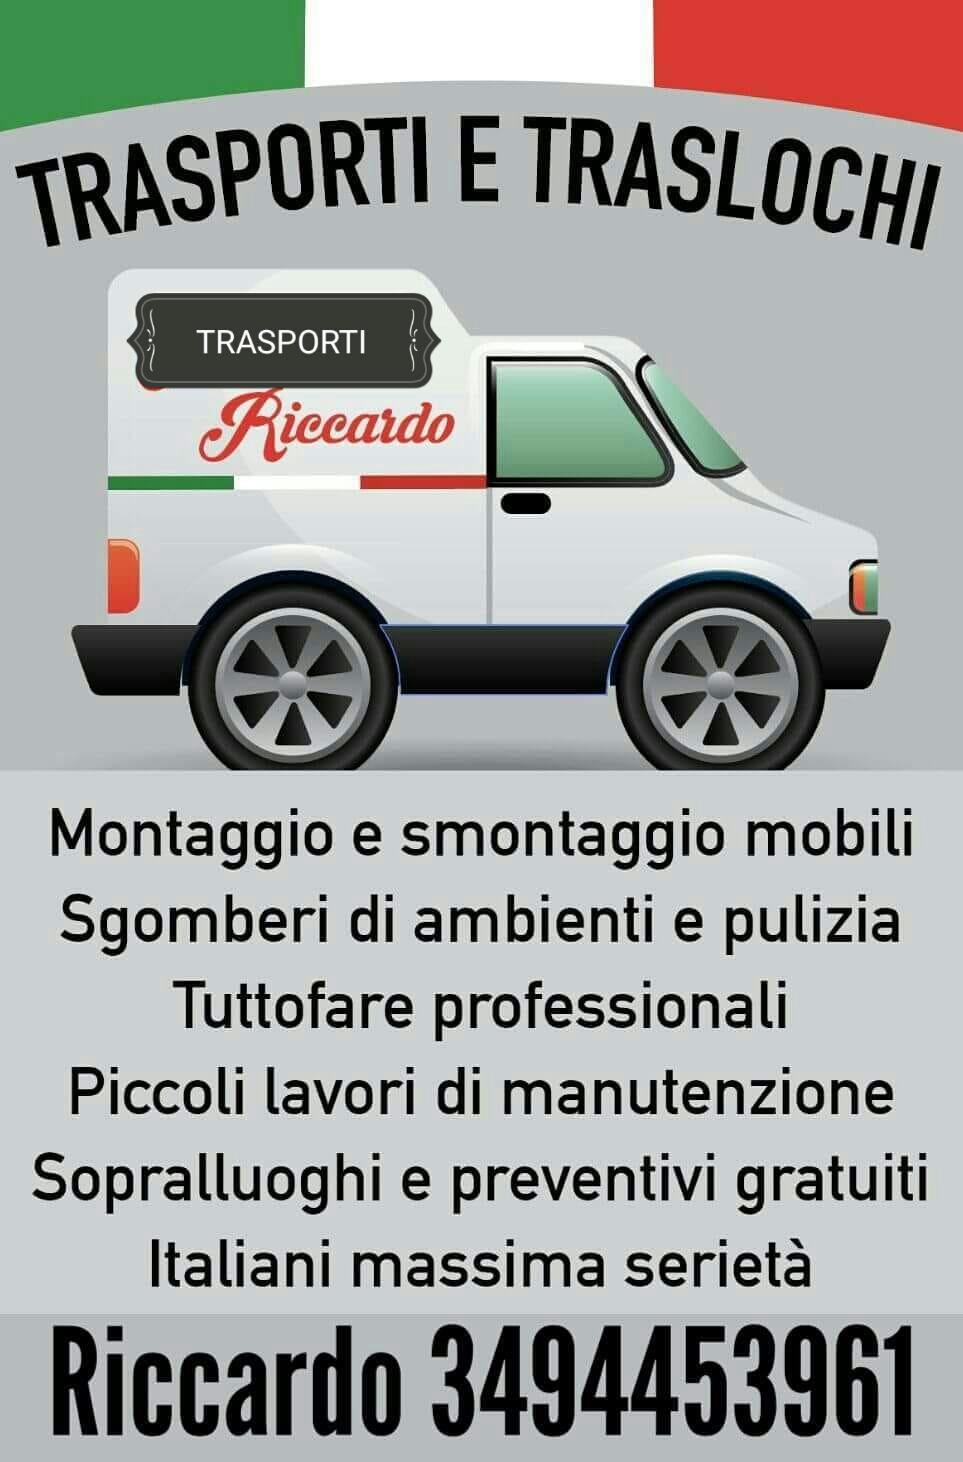 Riccardo Trasporti e Traslochi